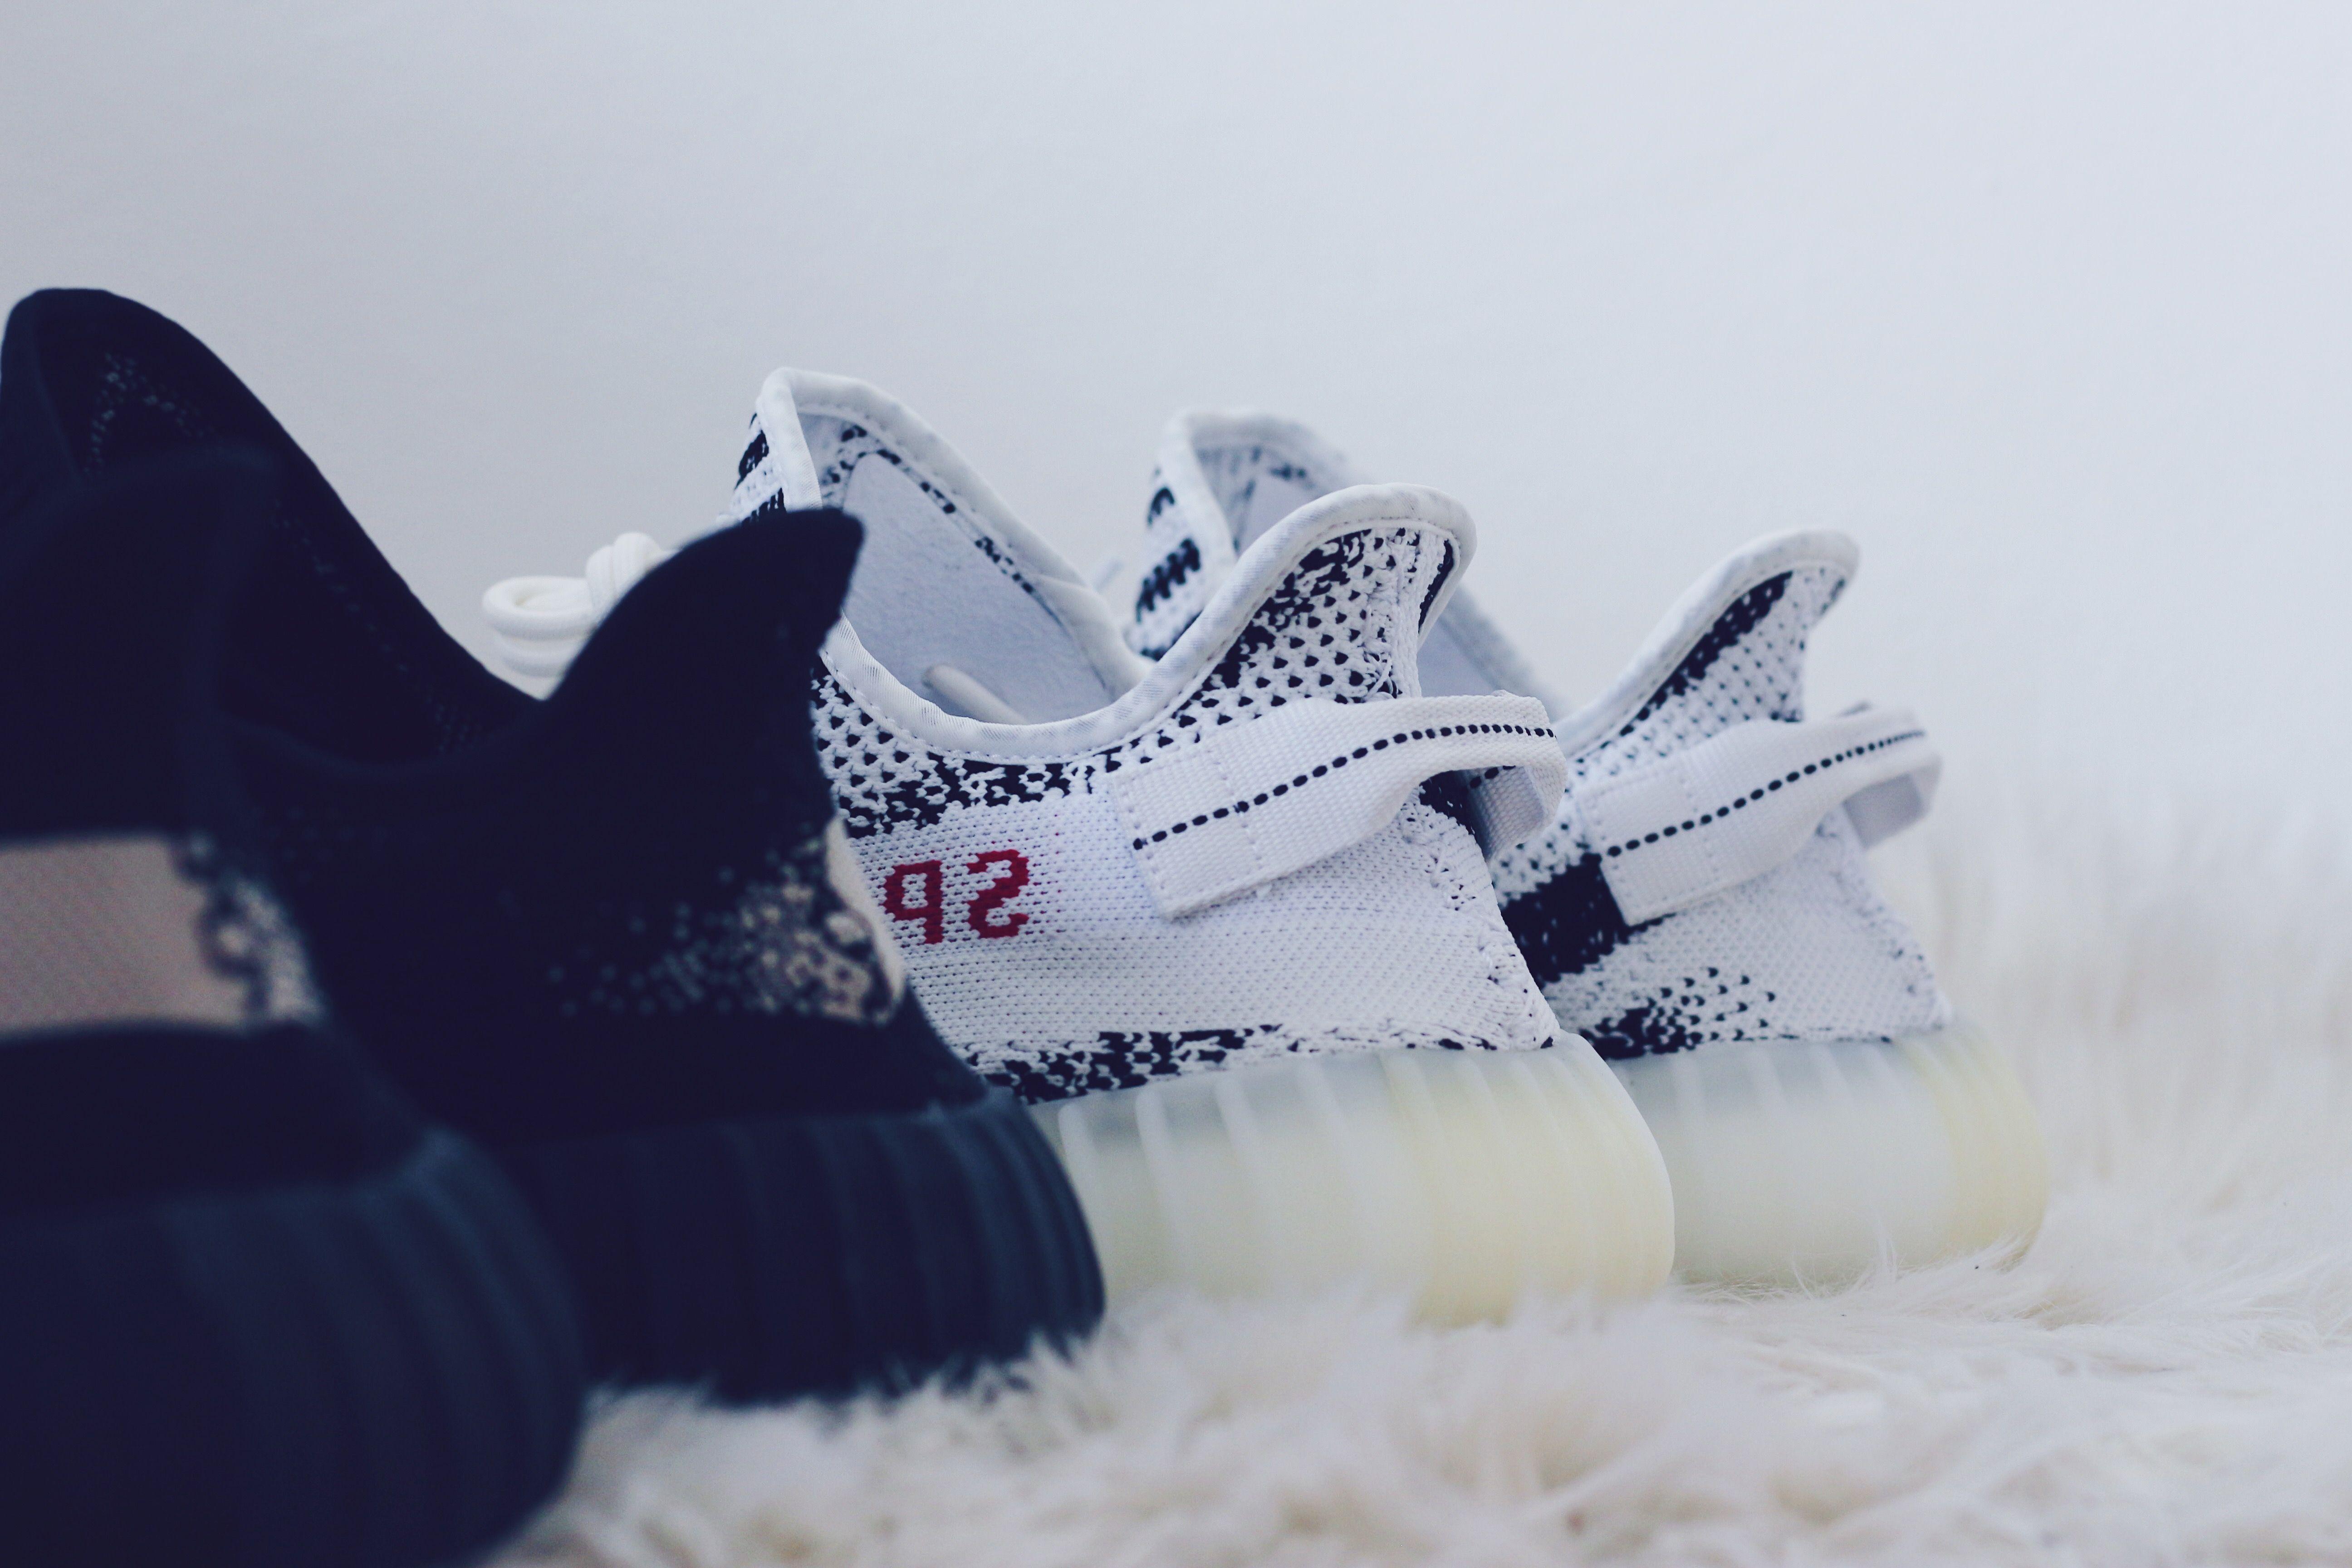 kanye west e adidas ha creato uno dei migliori scarpe mai!la